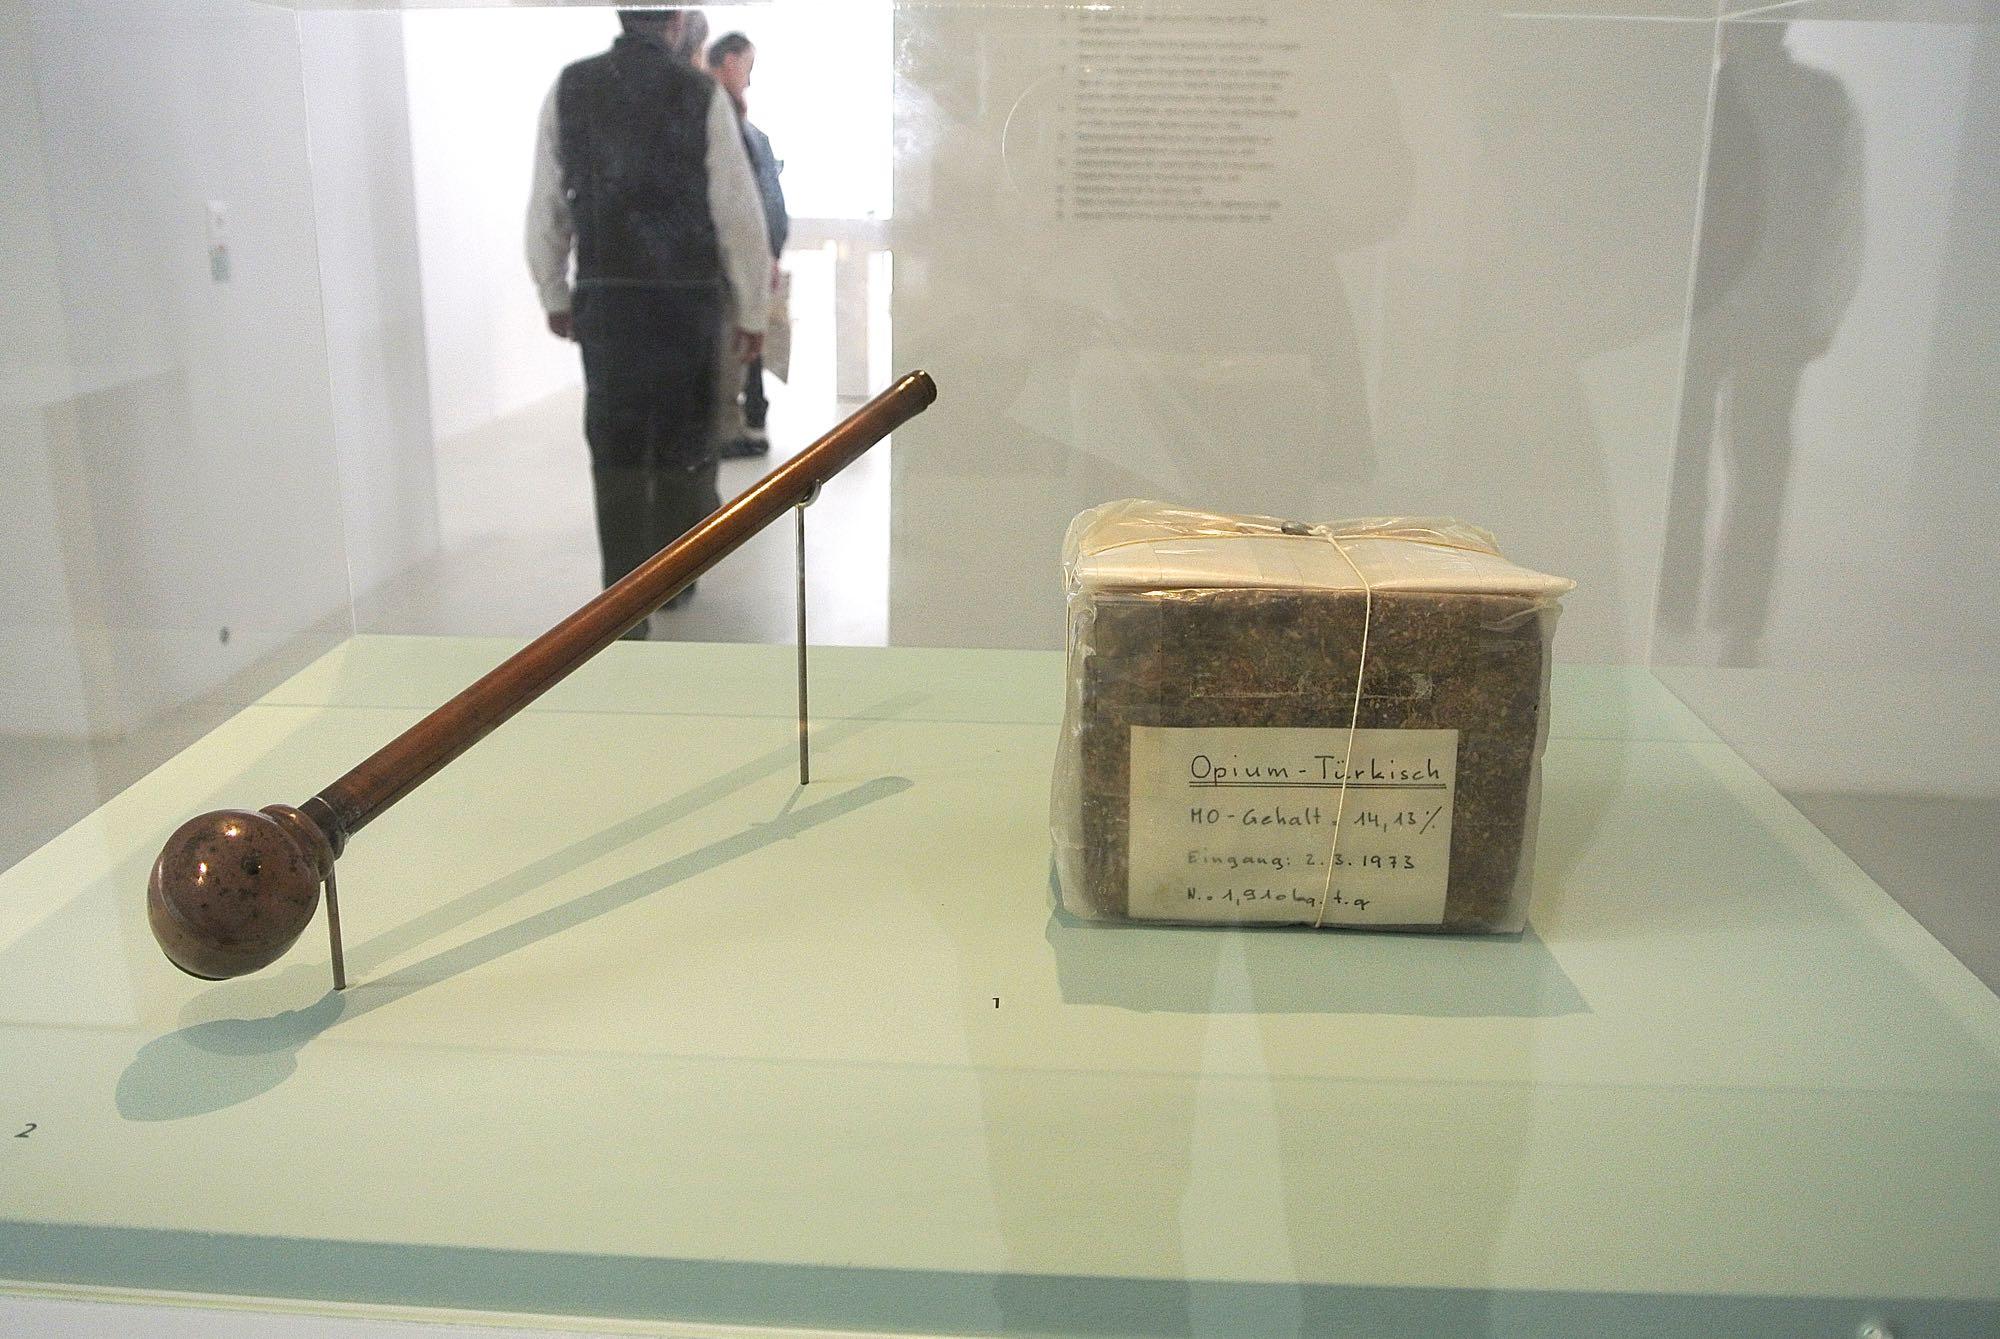 Ein Klotz Opium mit einem Gewicht von mehr als einem Kilogramm enpfängt die Ausstellungsbesucher.